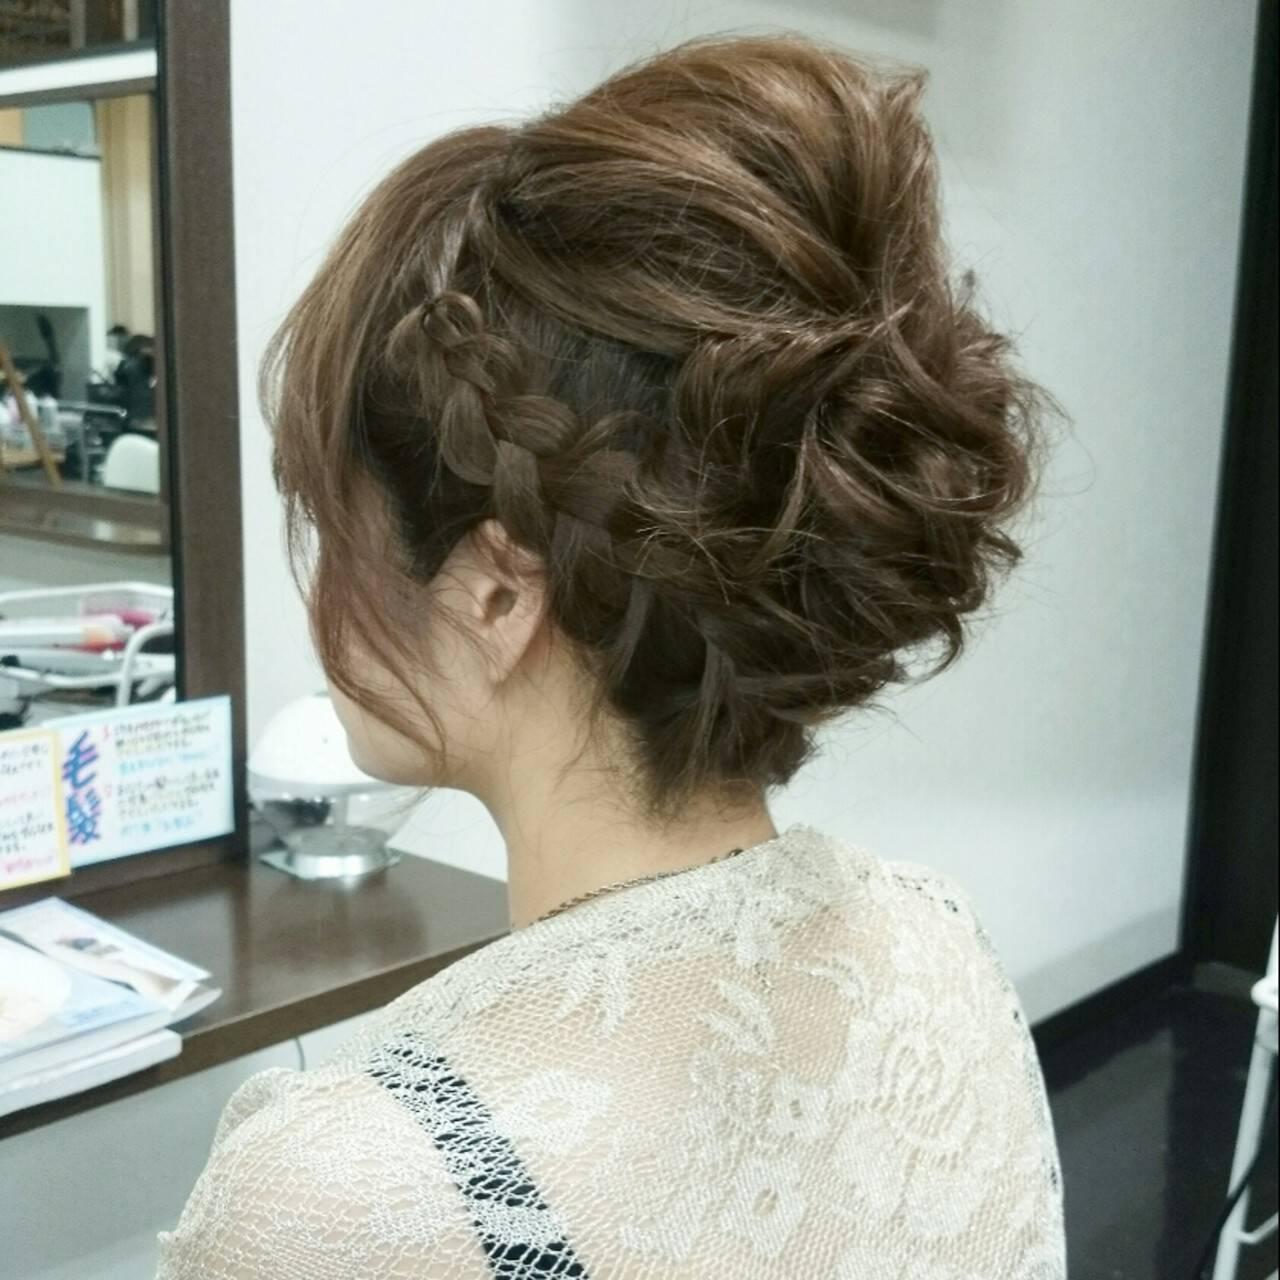 ヘアアレンジ フェミニン ミディアム アップスタイルヘアスタイルや髪型の写真・画像